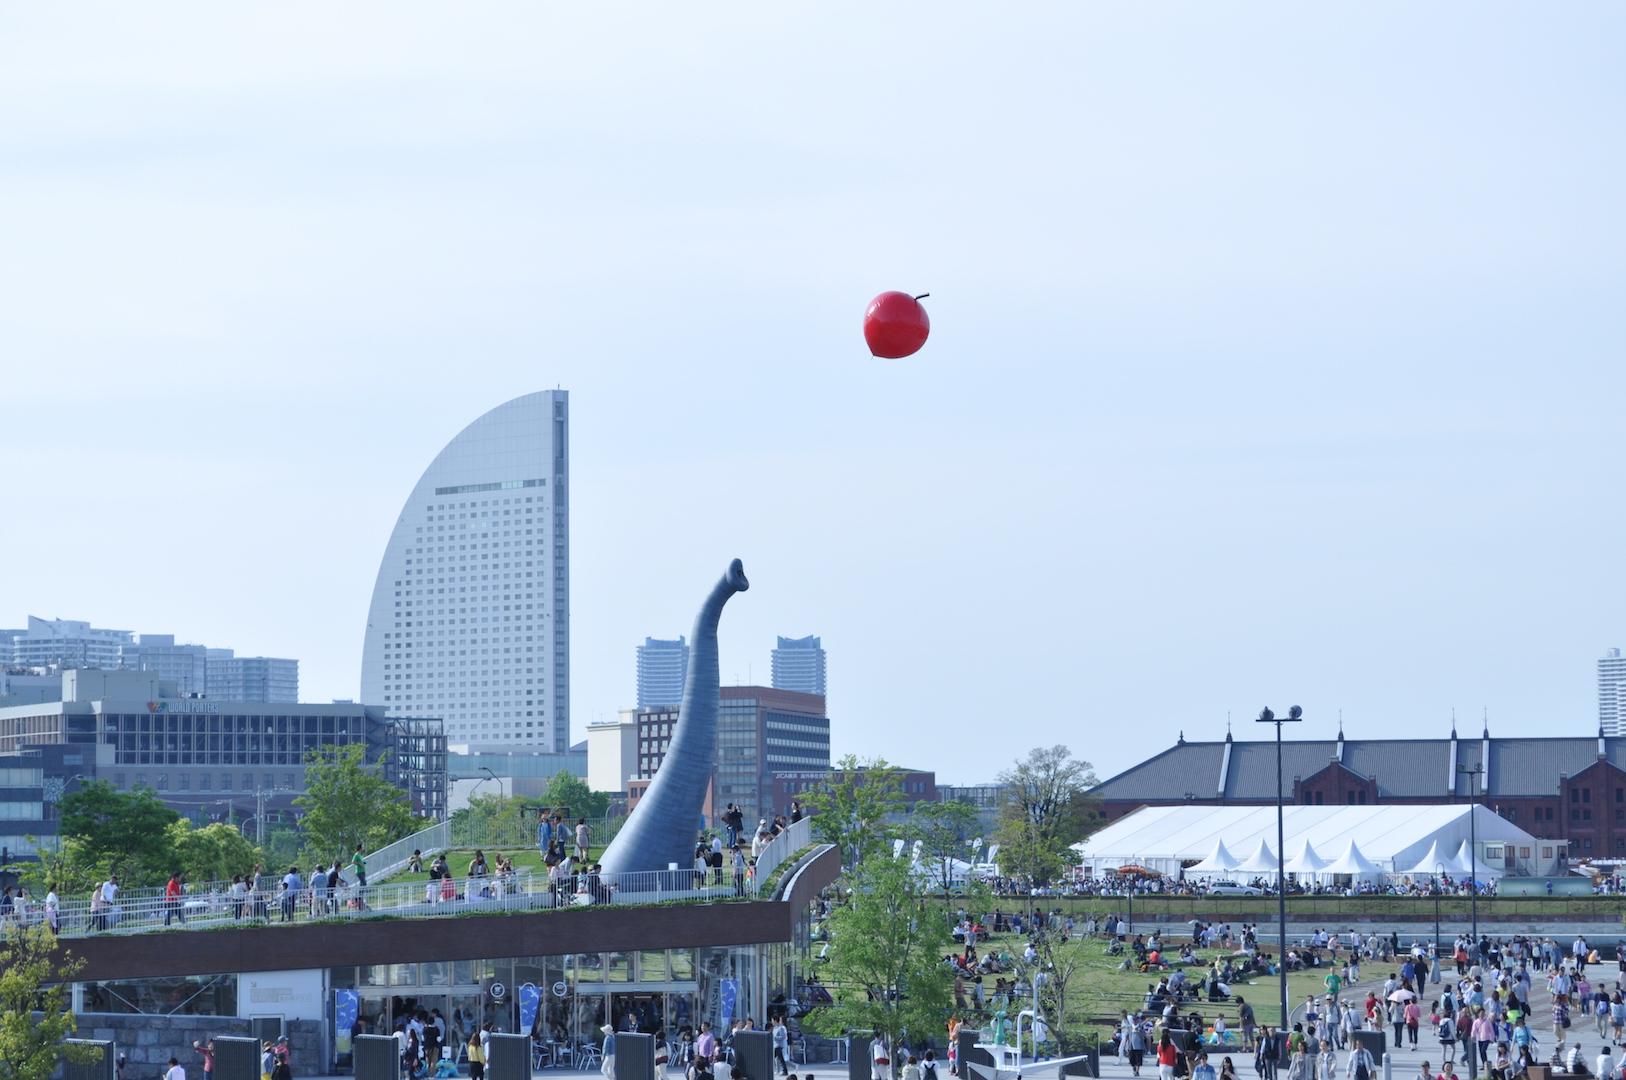 【みなとみらい】これって何?横浜みなとみらいに出現した巨大なゾウの鼻と赤い林檎